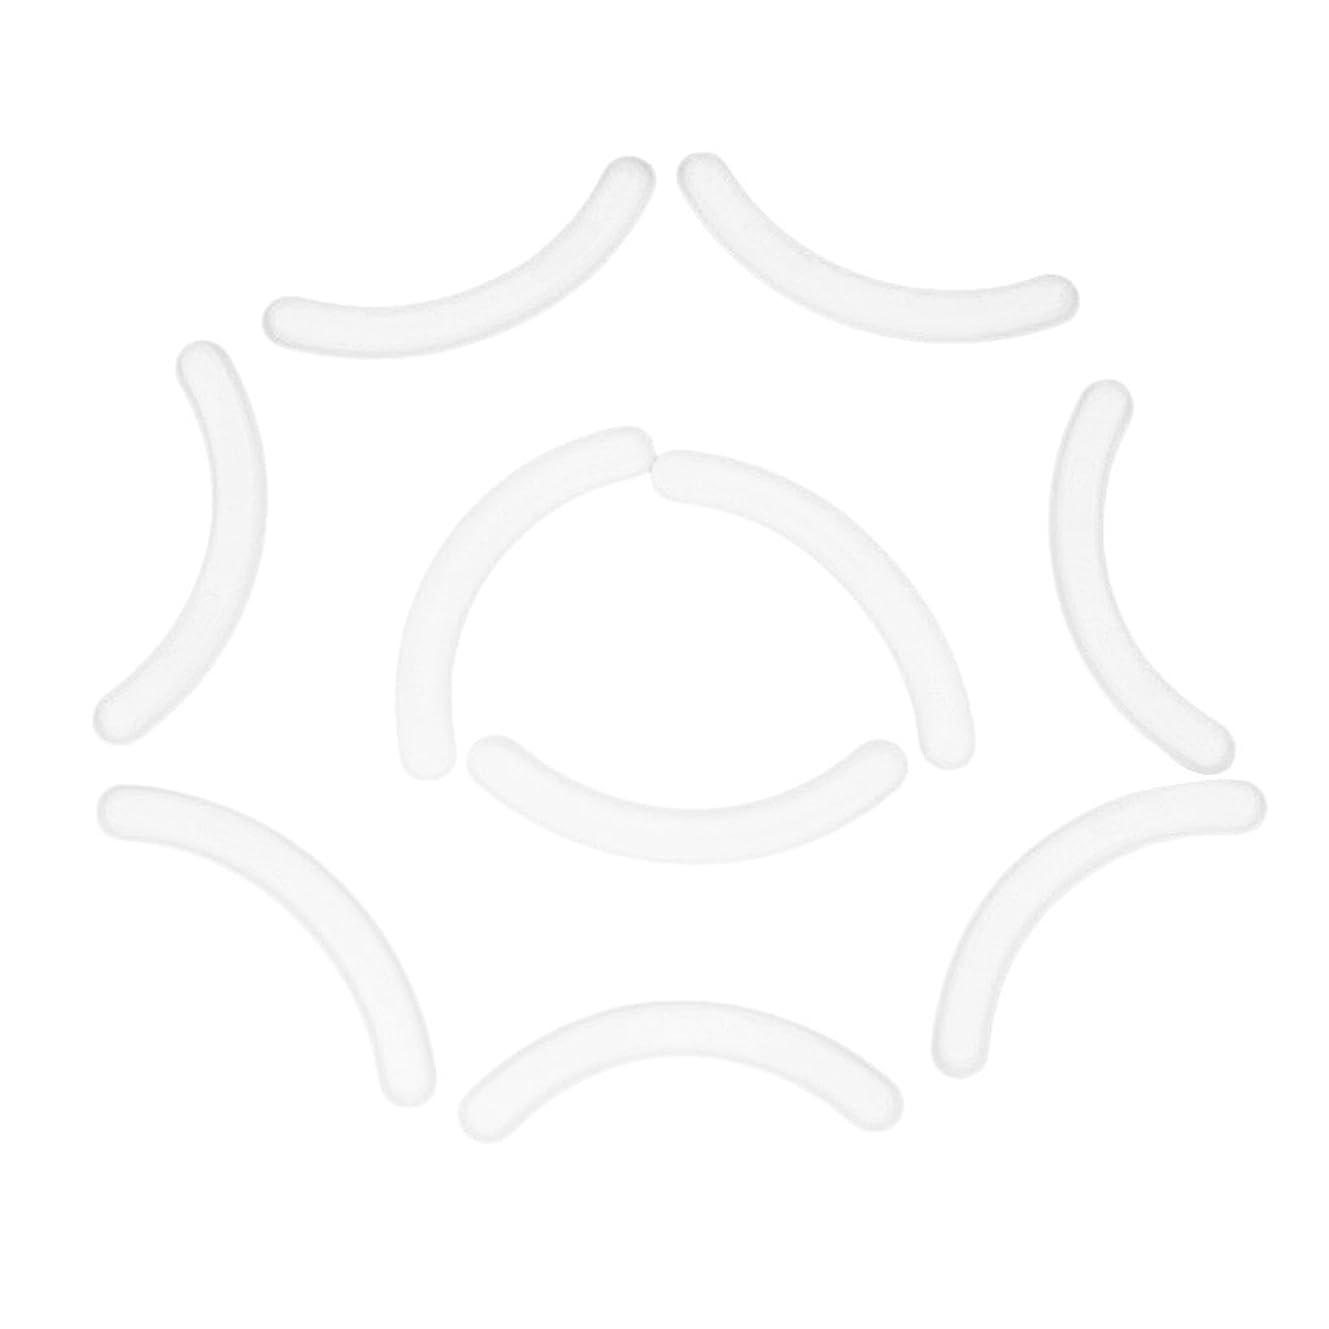 間に合わせアンタゴニスト代わりに10個セット まつげ拡張用 付けまつ毛 アイラッシュ エクステンション シリコンストリップ スタンドホルダー用 全4色 - 白